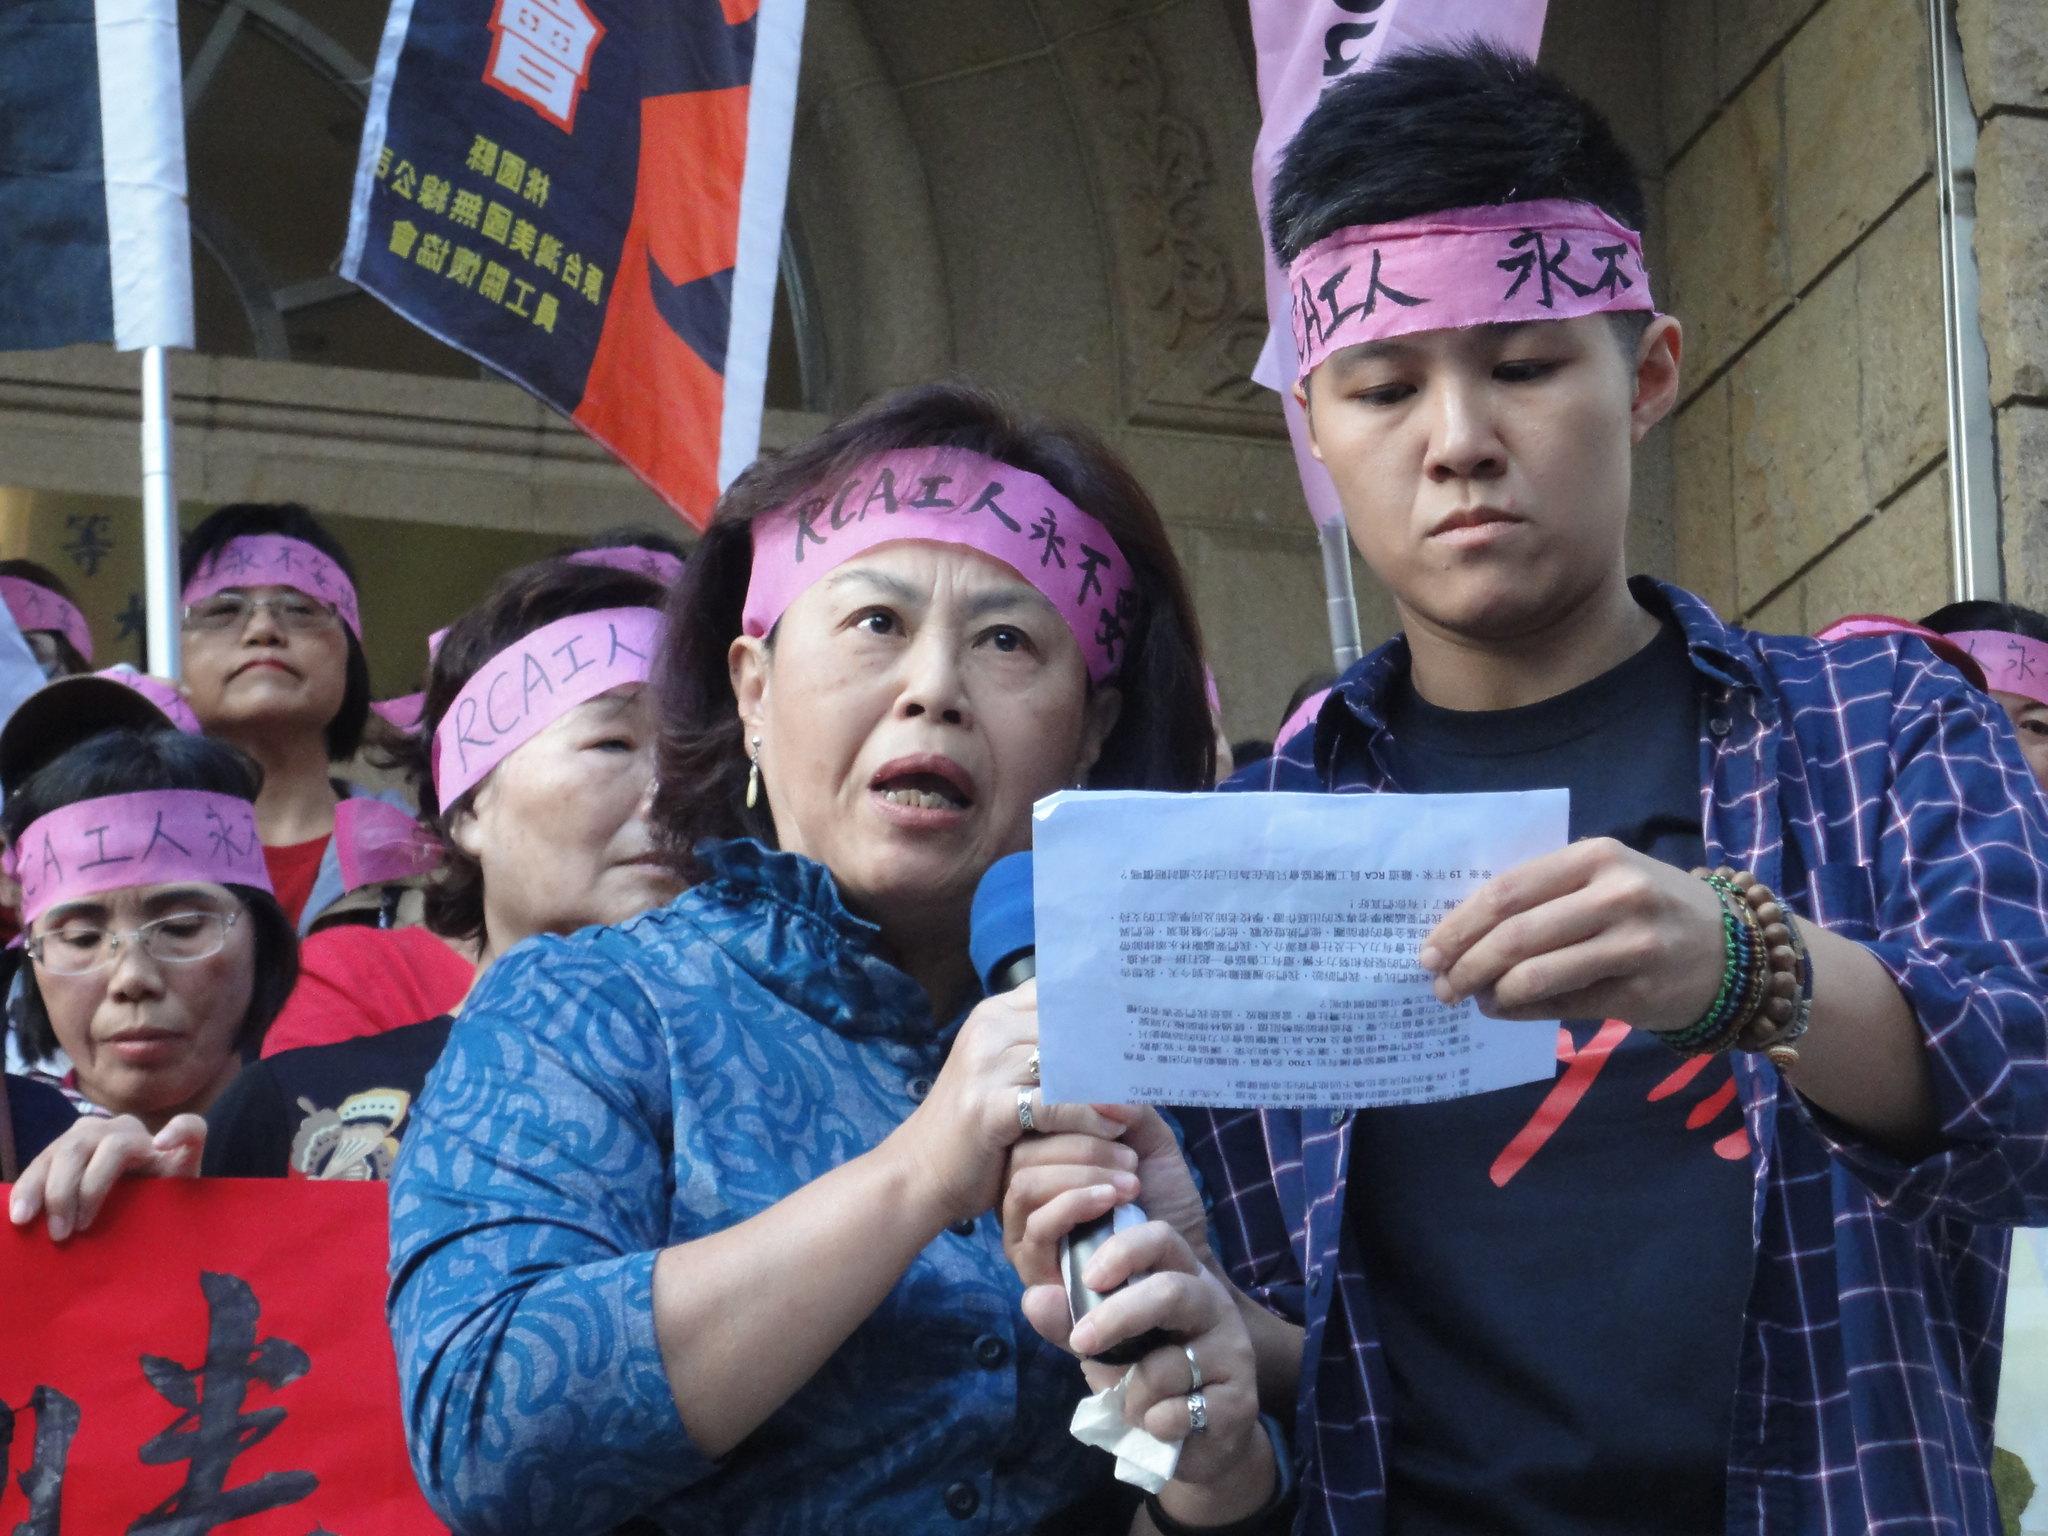 關懷協會理事長劉荷雲對於許多前RCA員工、一同打訴訟的戰友都已過世,感到非常心痛。(攝影:張智琦)